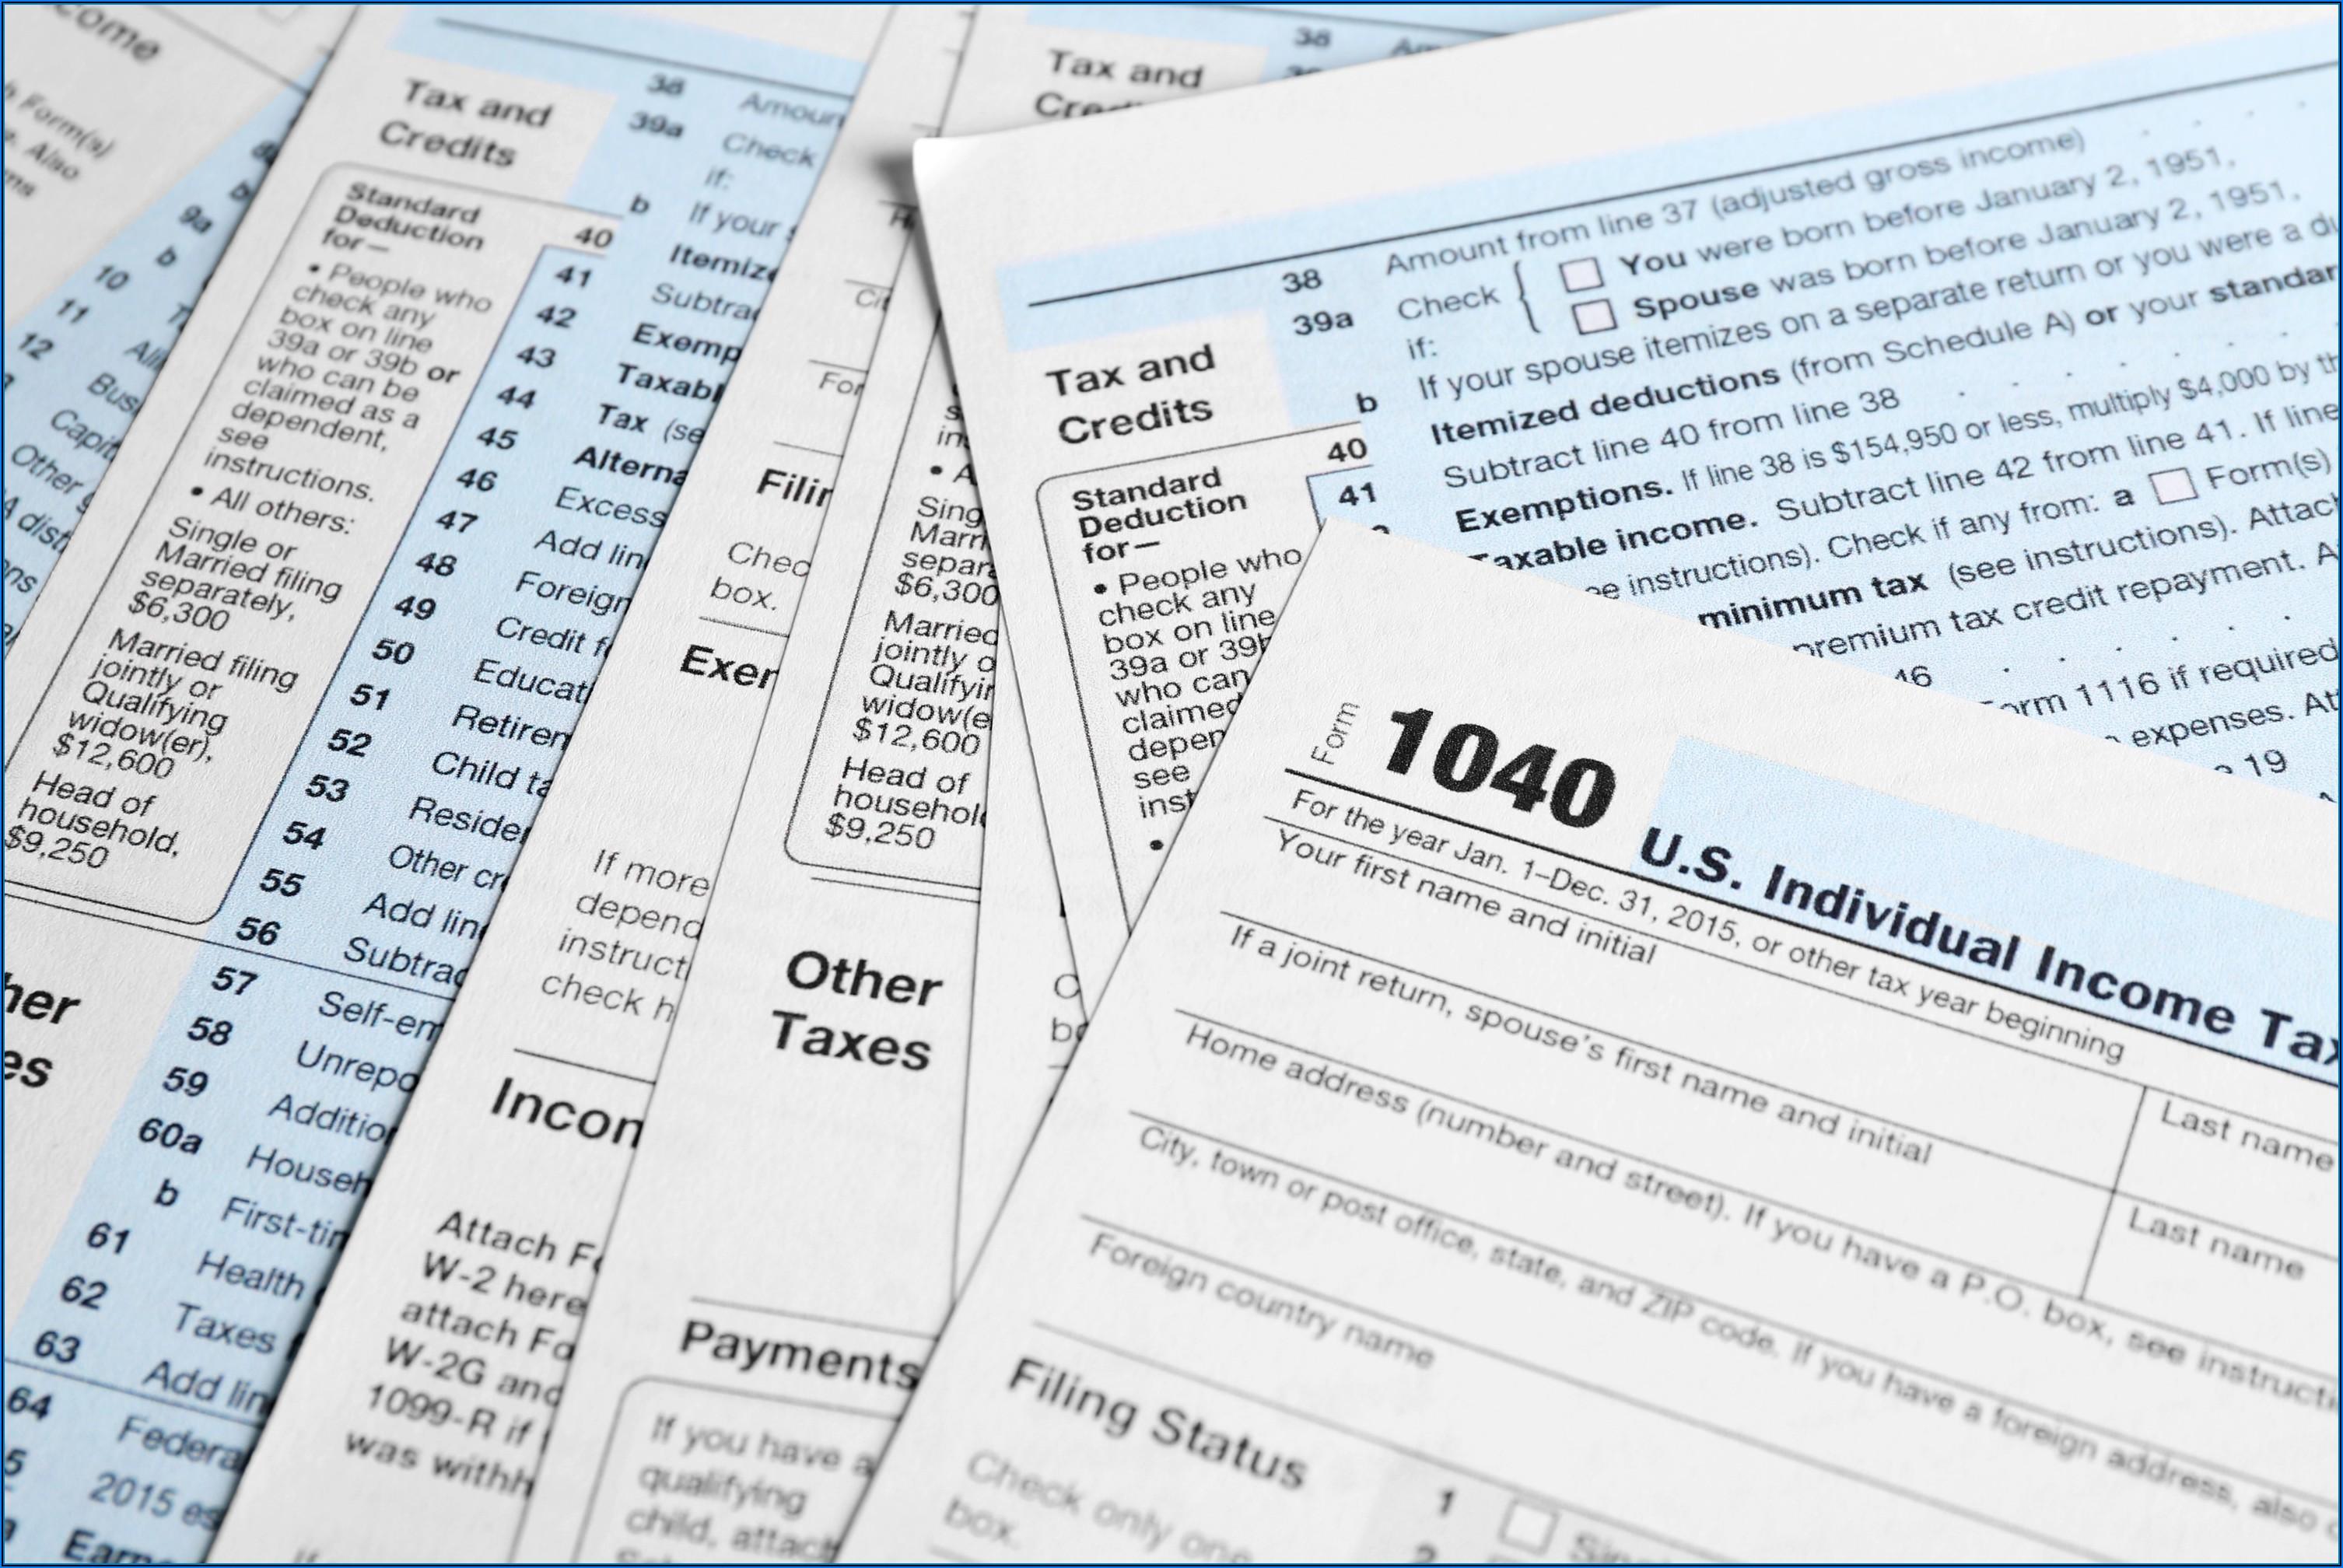 Irs Tax Form 1040ez 2019